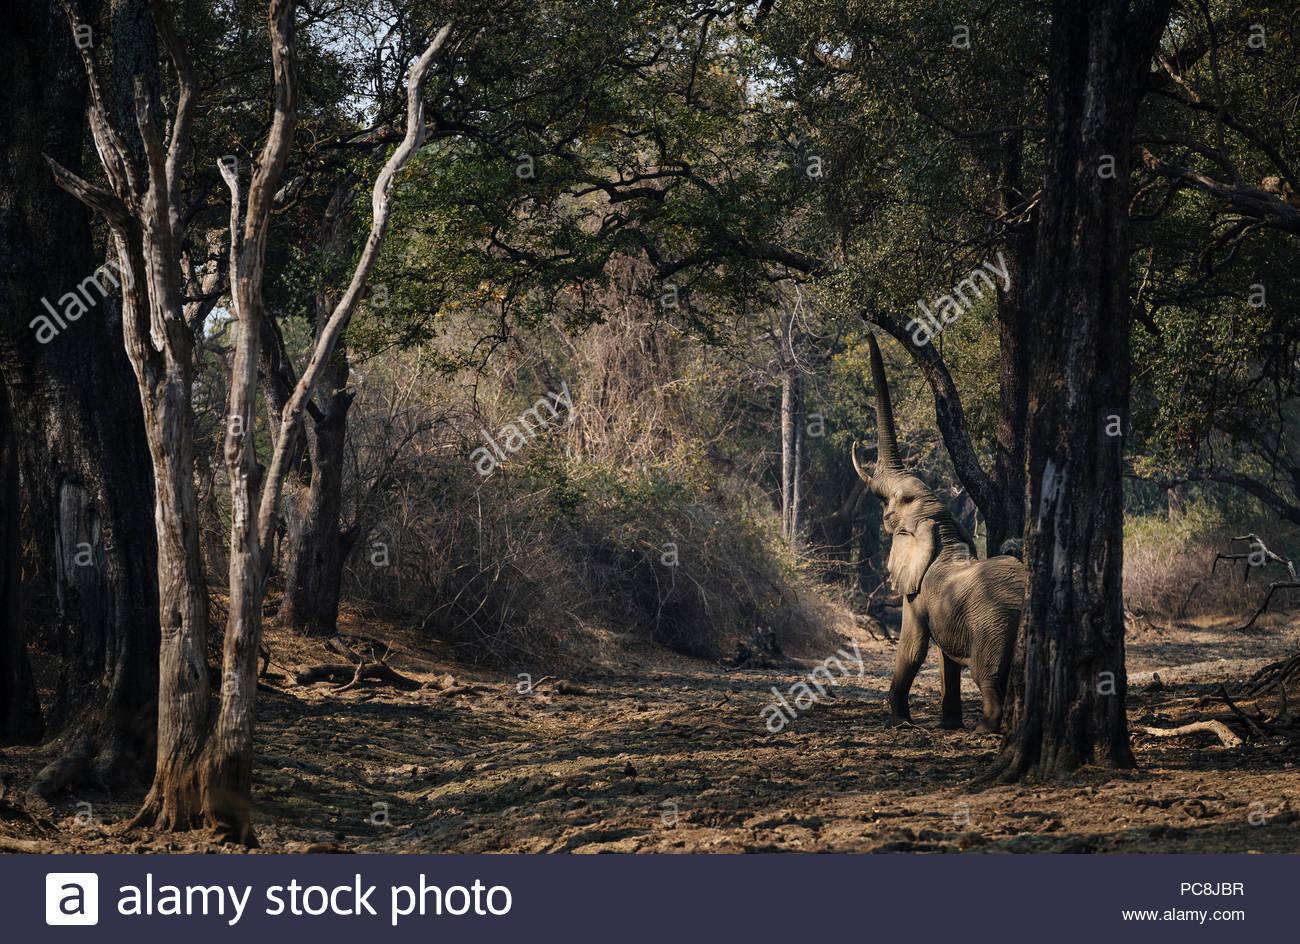 African elephant, Loxodonta africana, feeding on foliage. - Stock Image